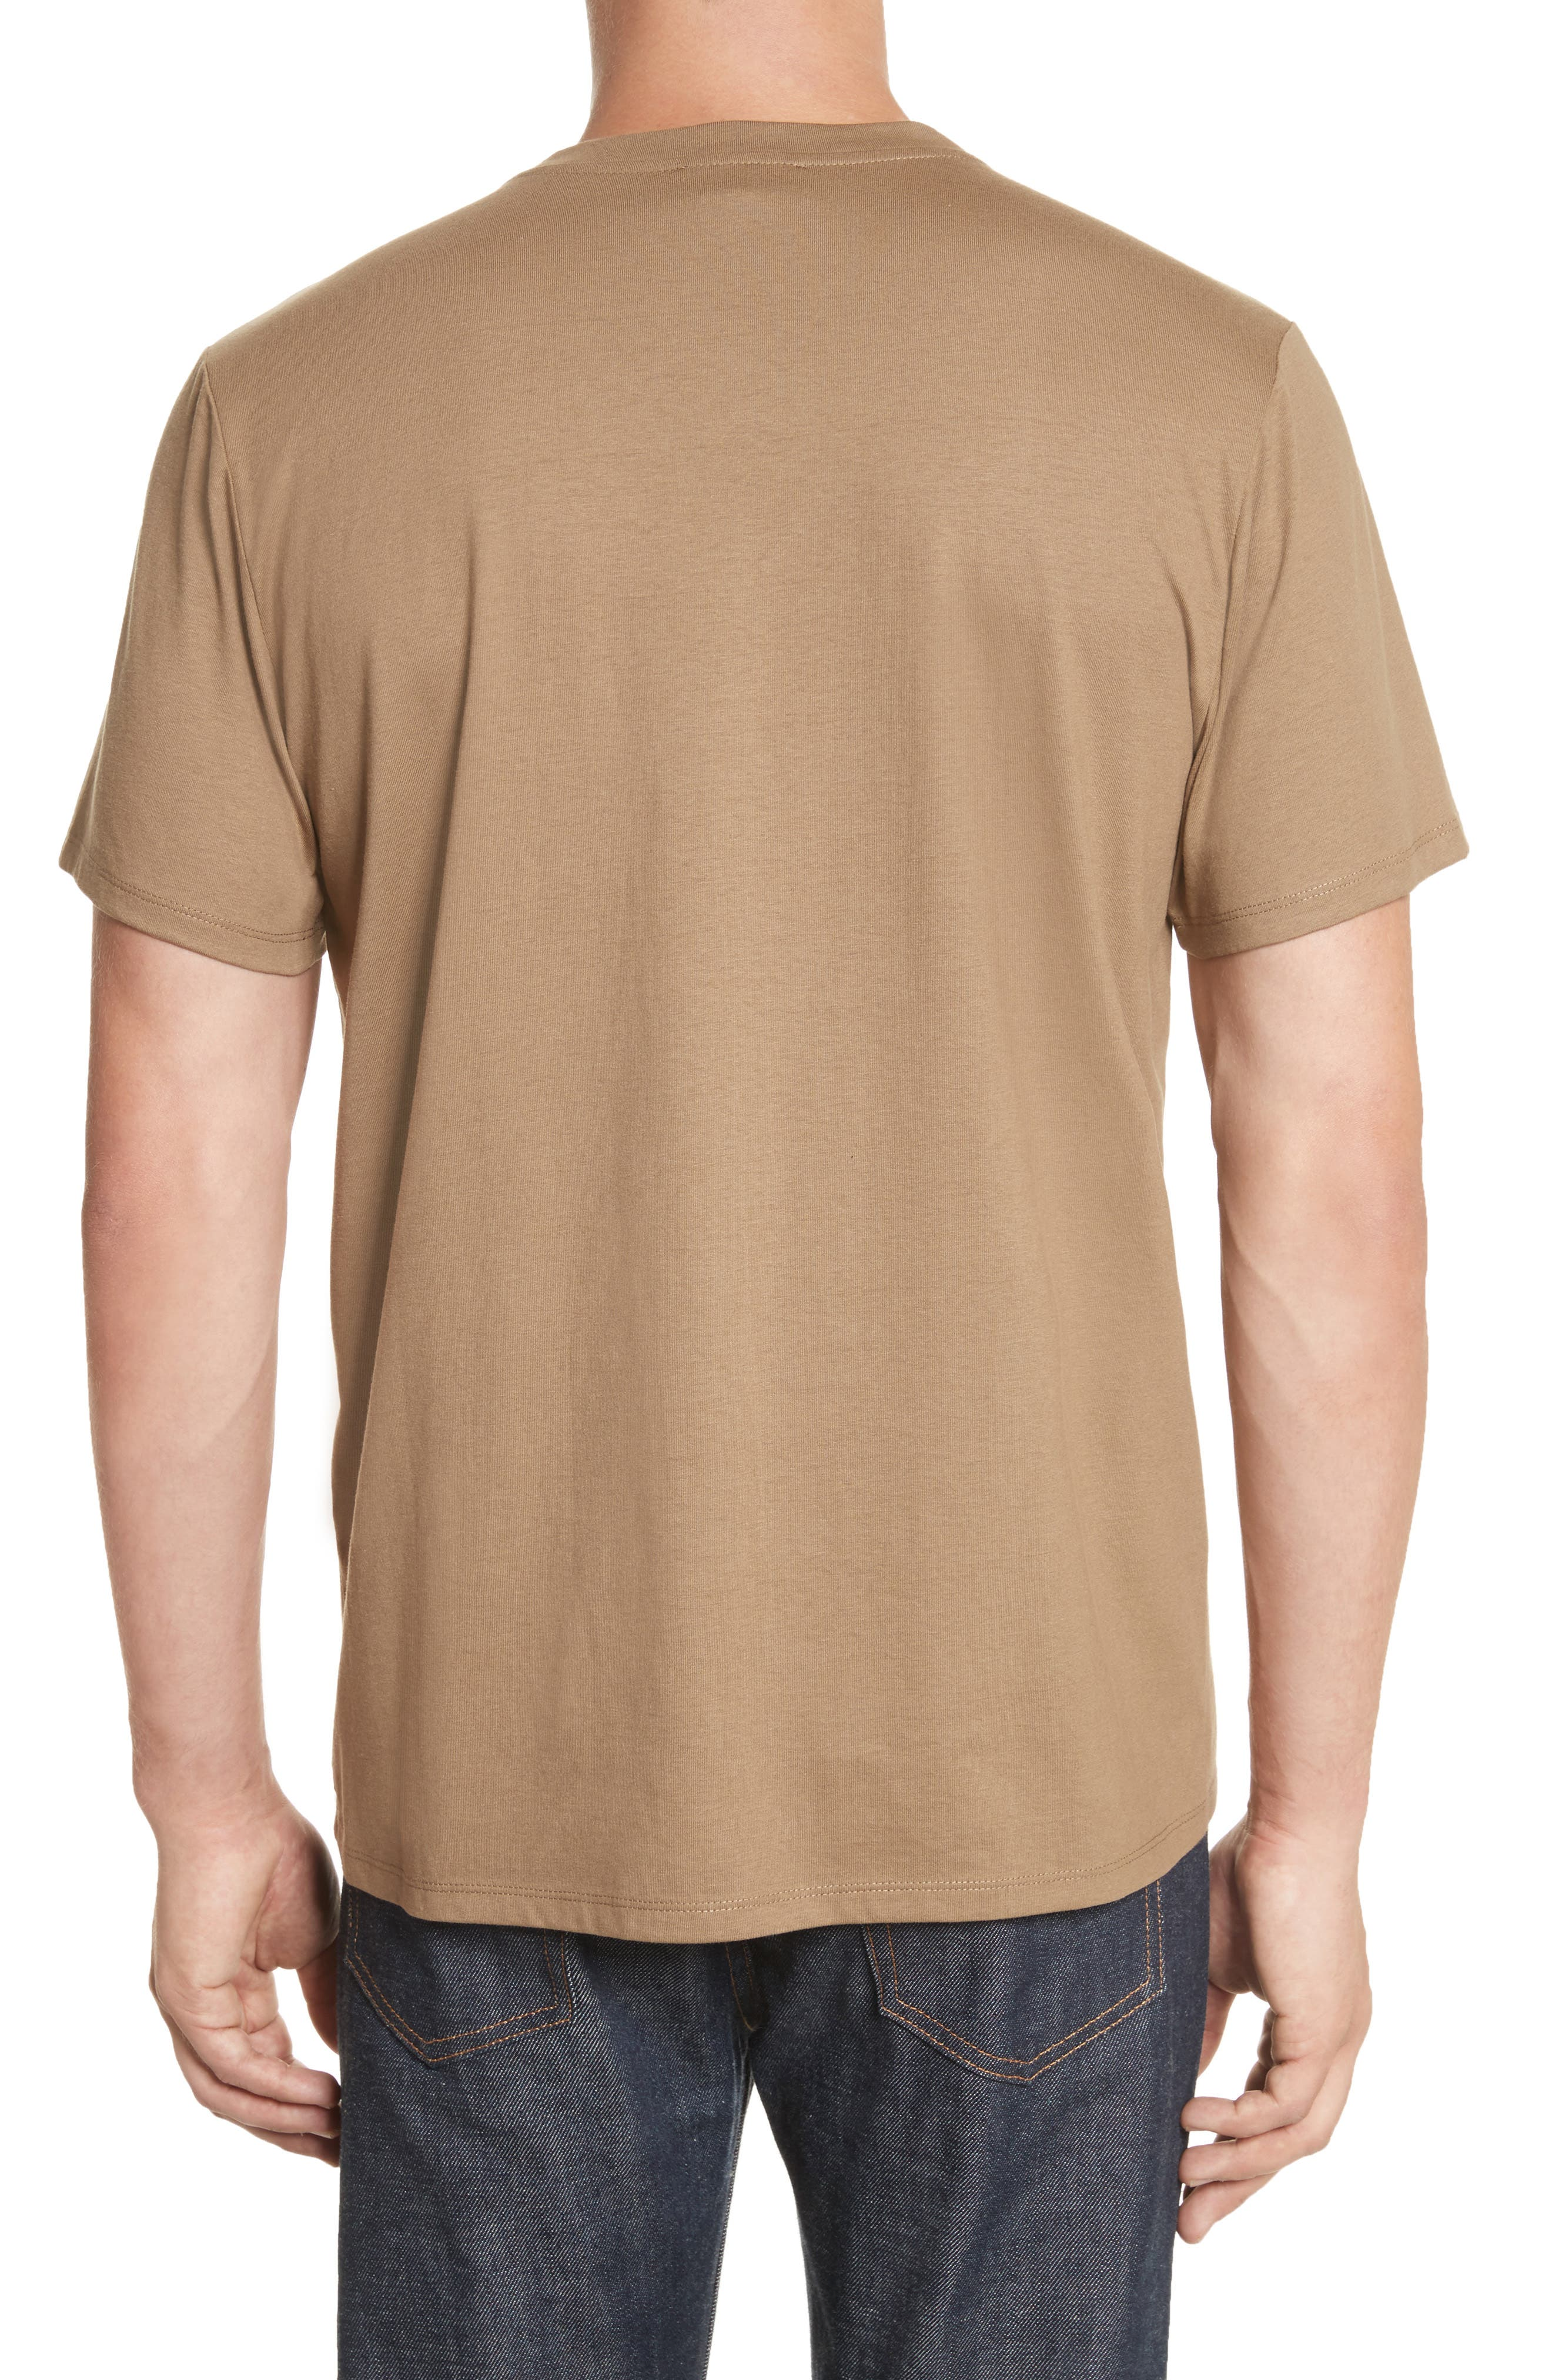 Jimmy T-Shirt,                             Alternate thumbnail 2, color,